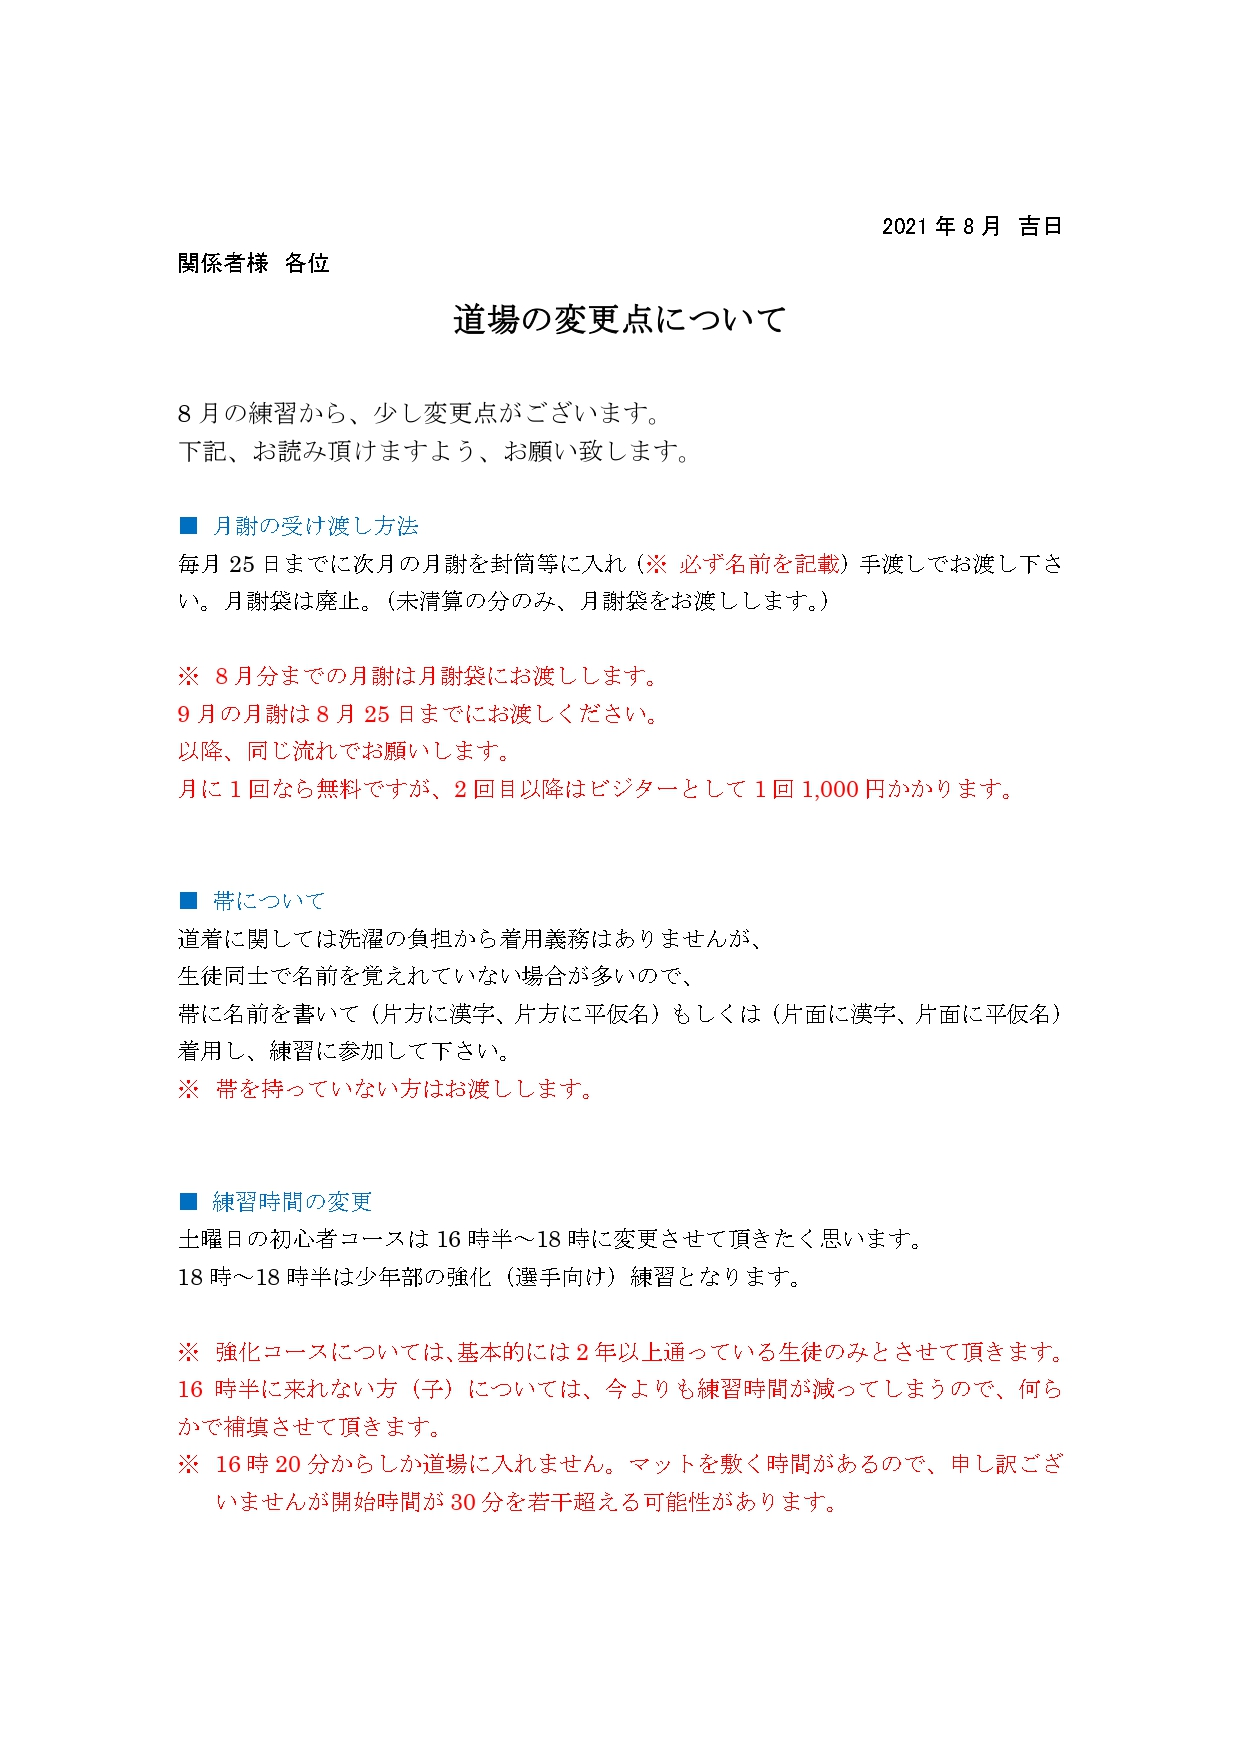 【テコンドー道場ブログ】8月の練習と道場内大会について